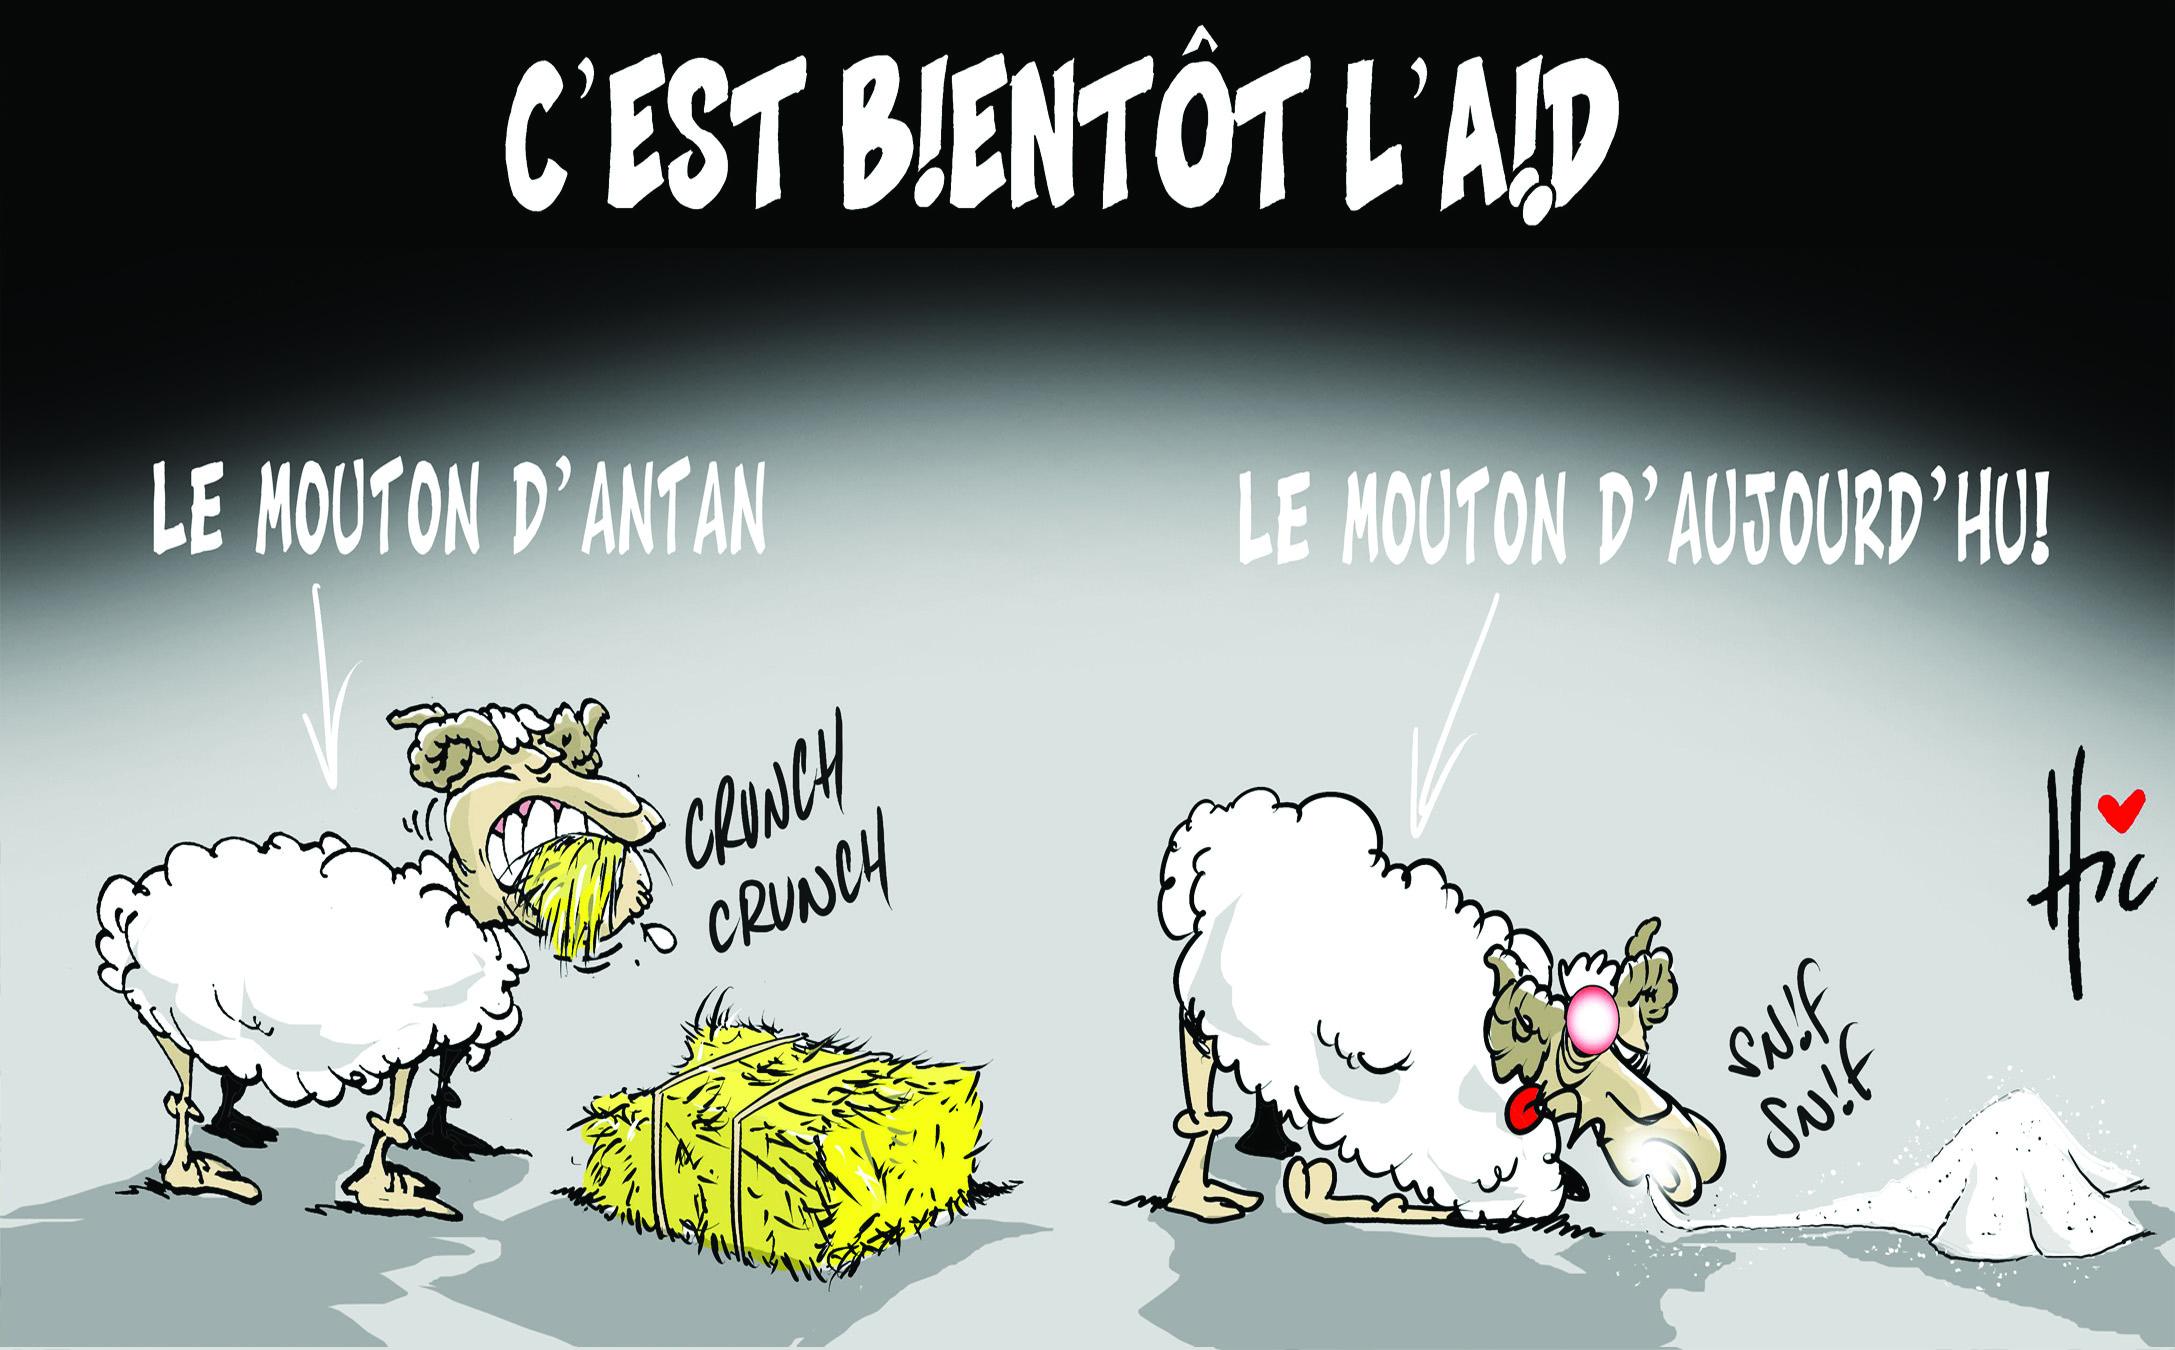 C'est bientôt l'aïd : Le mouton d'antan et mouton d'aujourd'hui - Dessins et Caricatures, Le Hic - El Watan - Gagdz.com